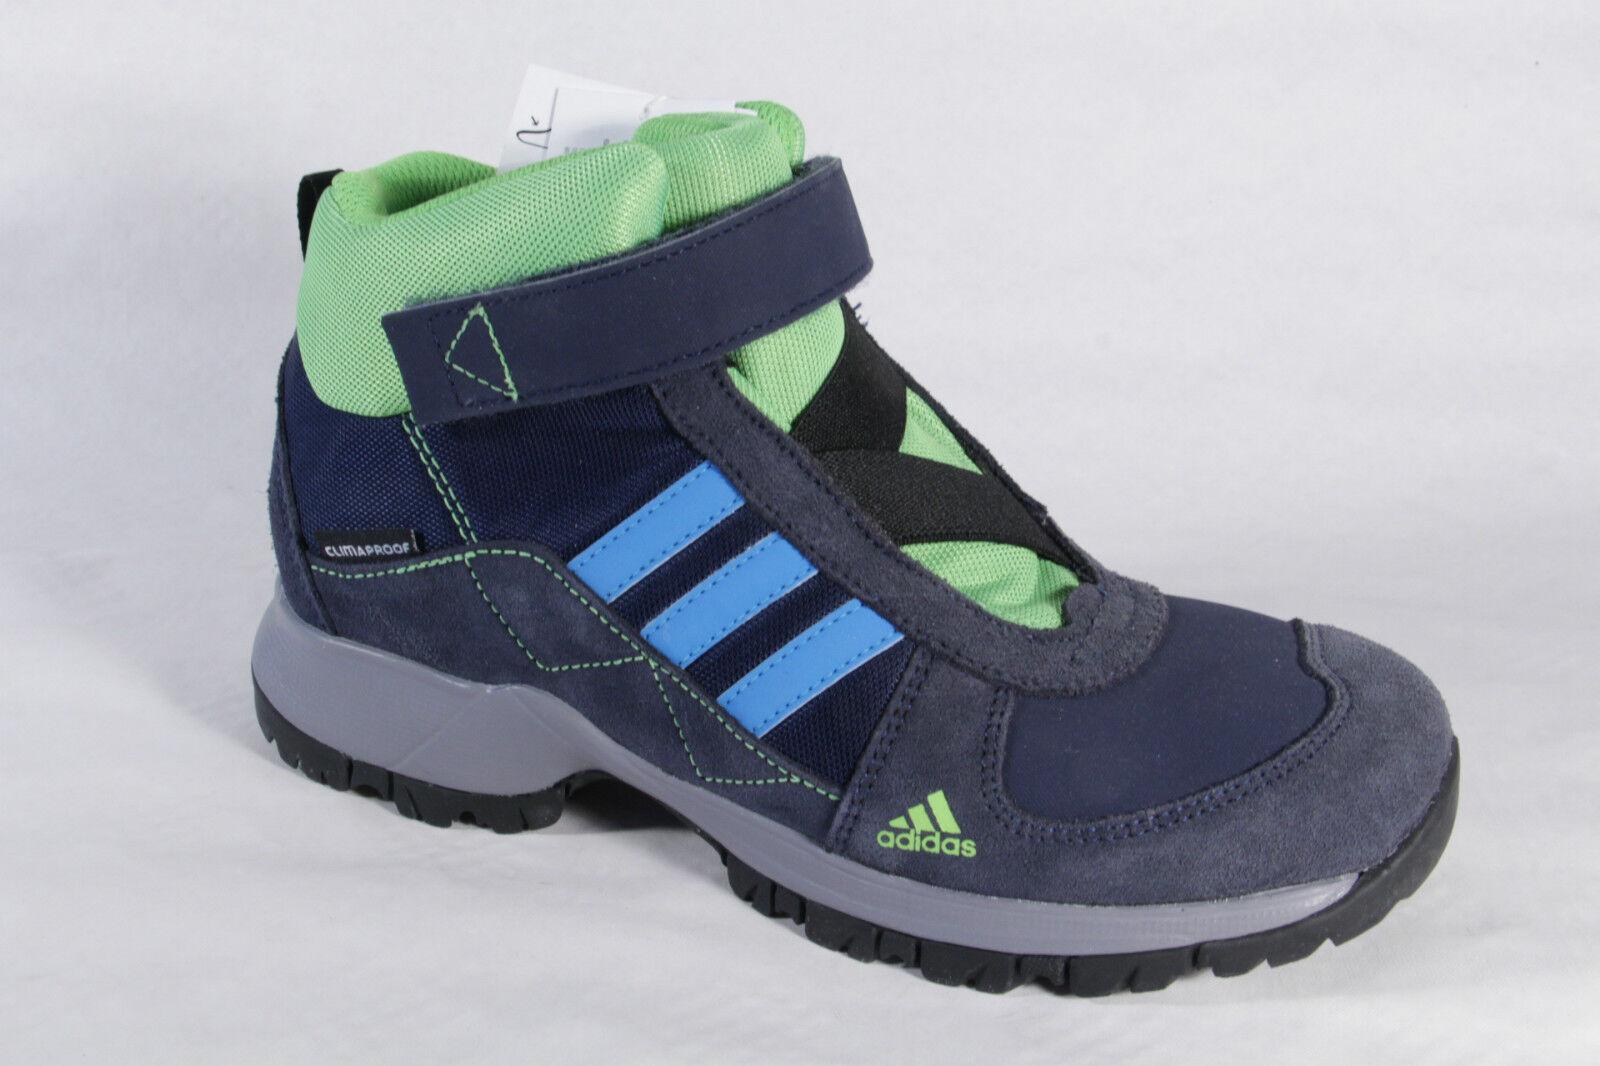 Adidas Stiefel Stiefel Stiefel Stiefel wasserdicht Leder Textil blau grün Climaproof NEU a2ea57